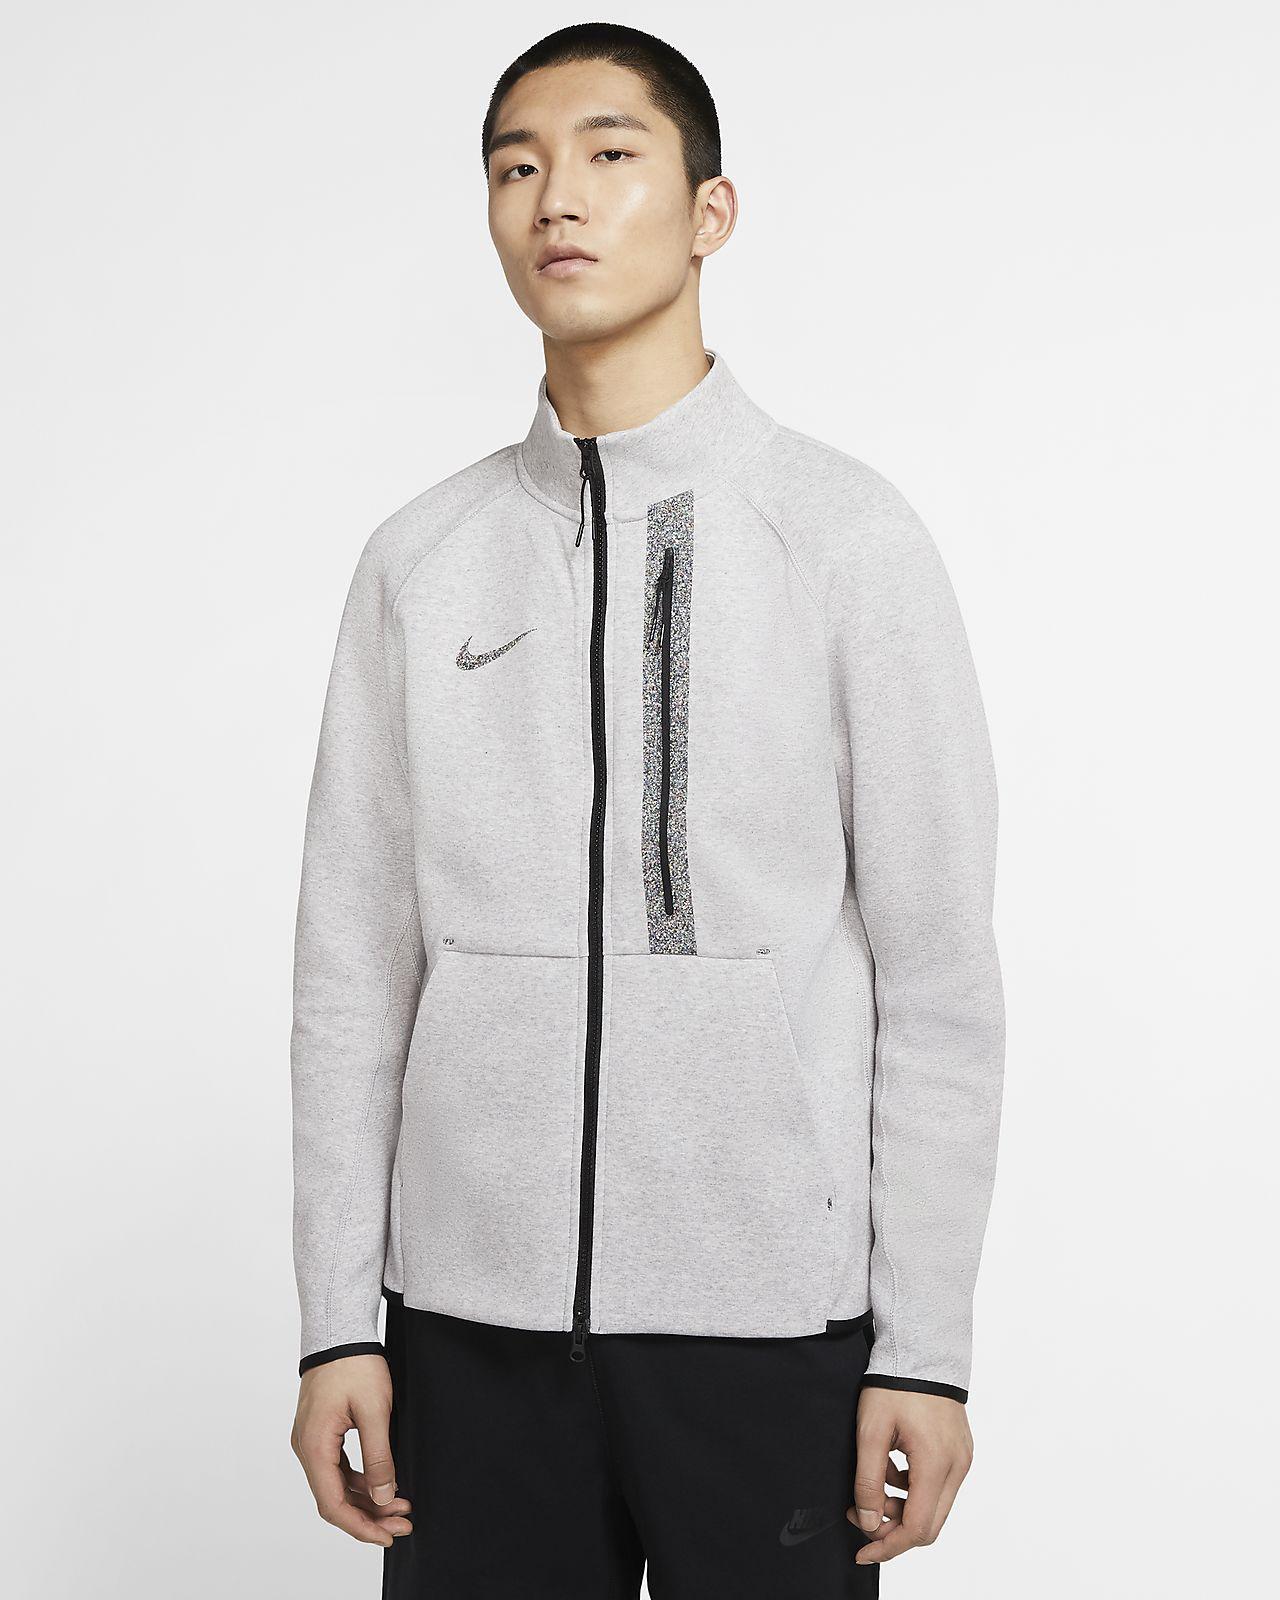 Nike 50 Tech Fleece 男子夹克